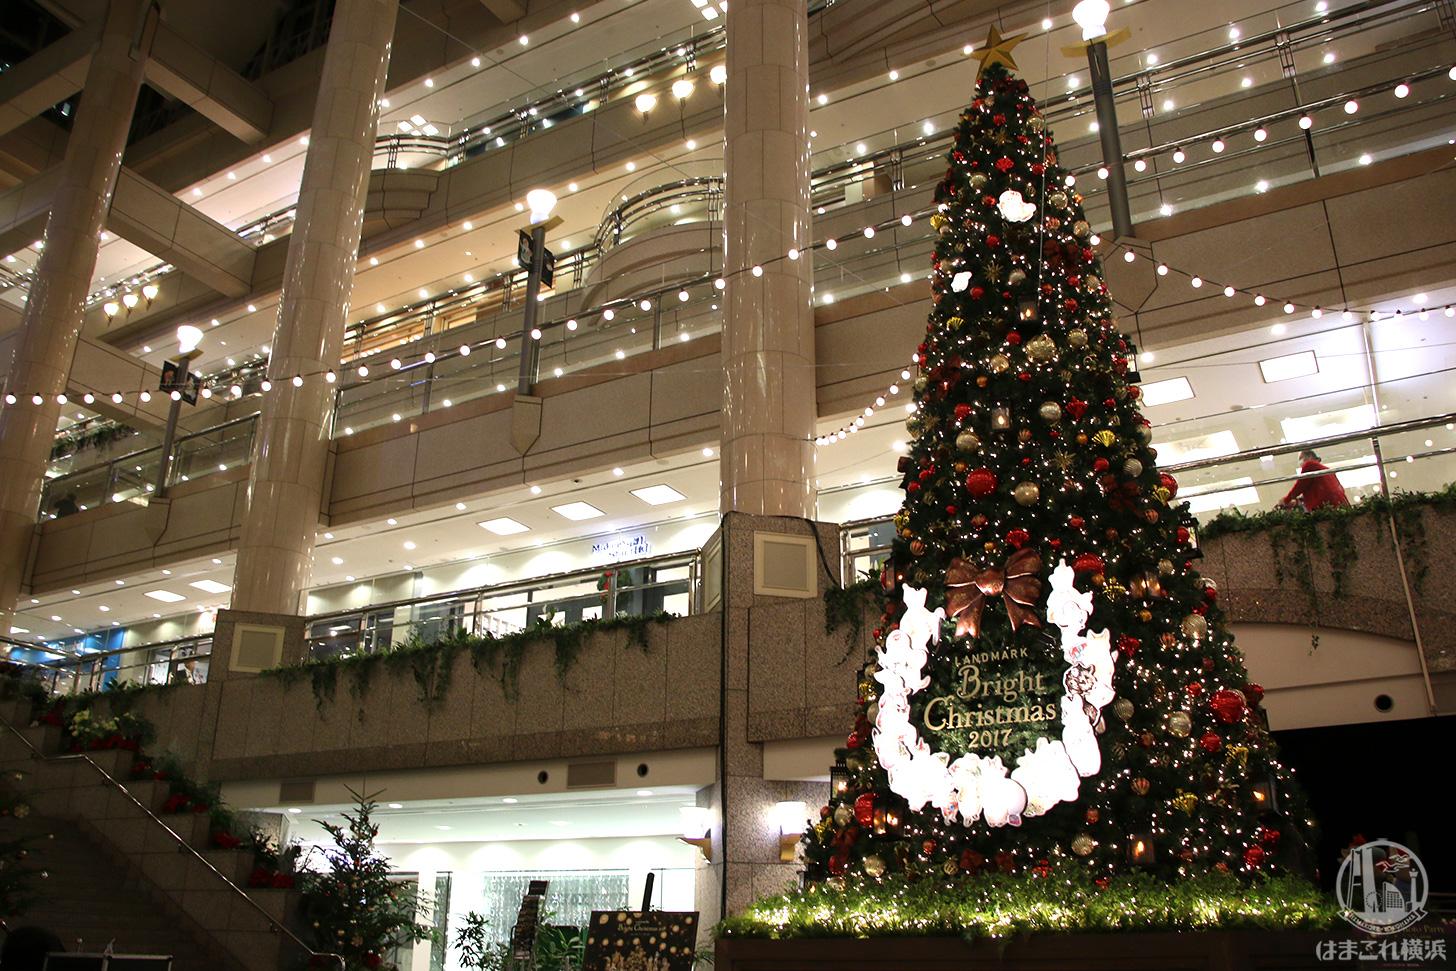 クリスマス・ランドマークプラザ